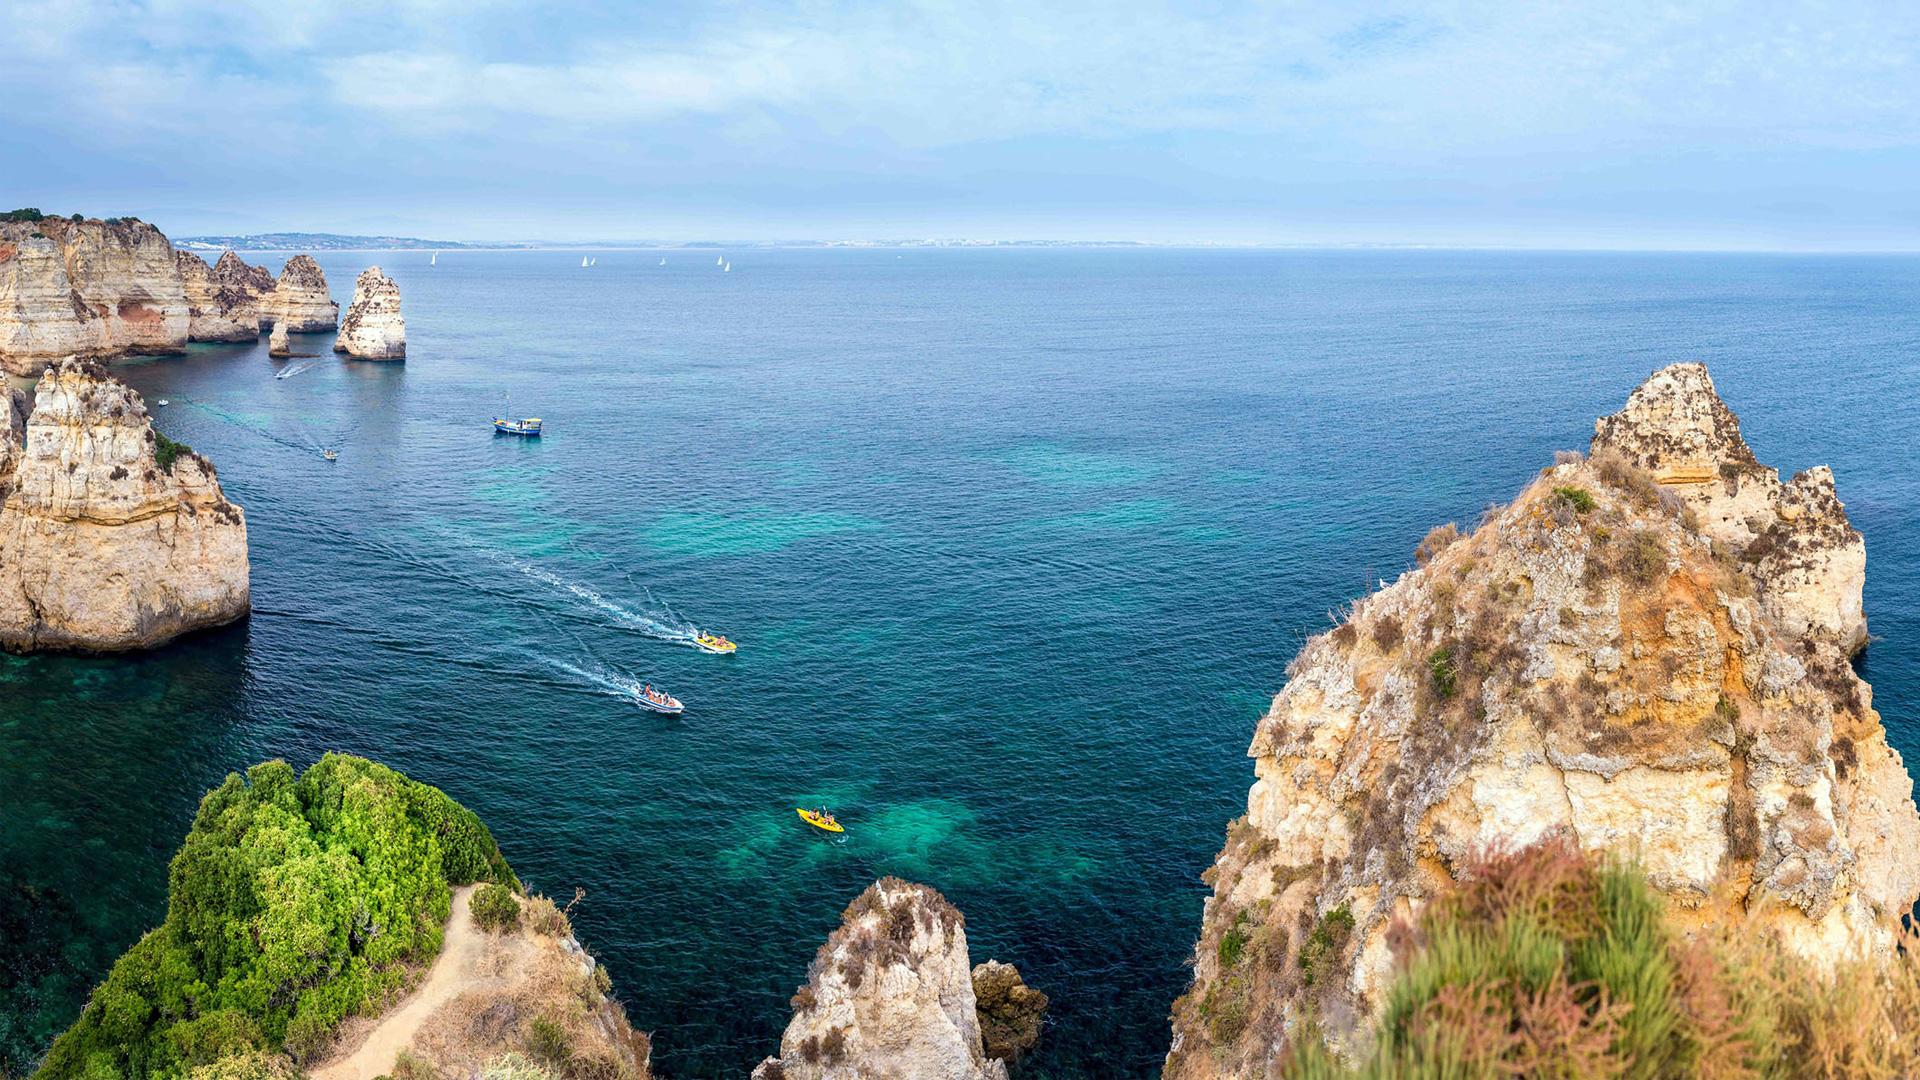 Скальные образования Португалии панорама. обои скачать